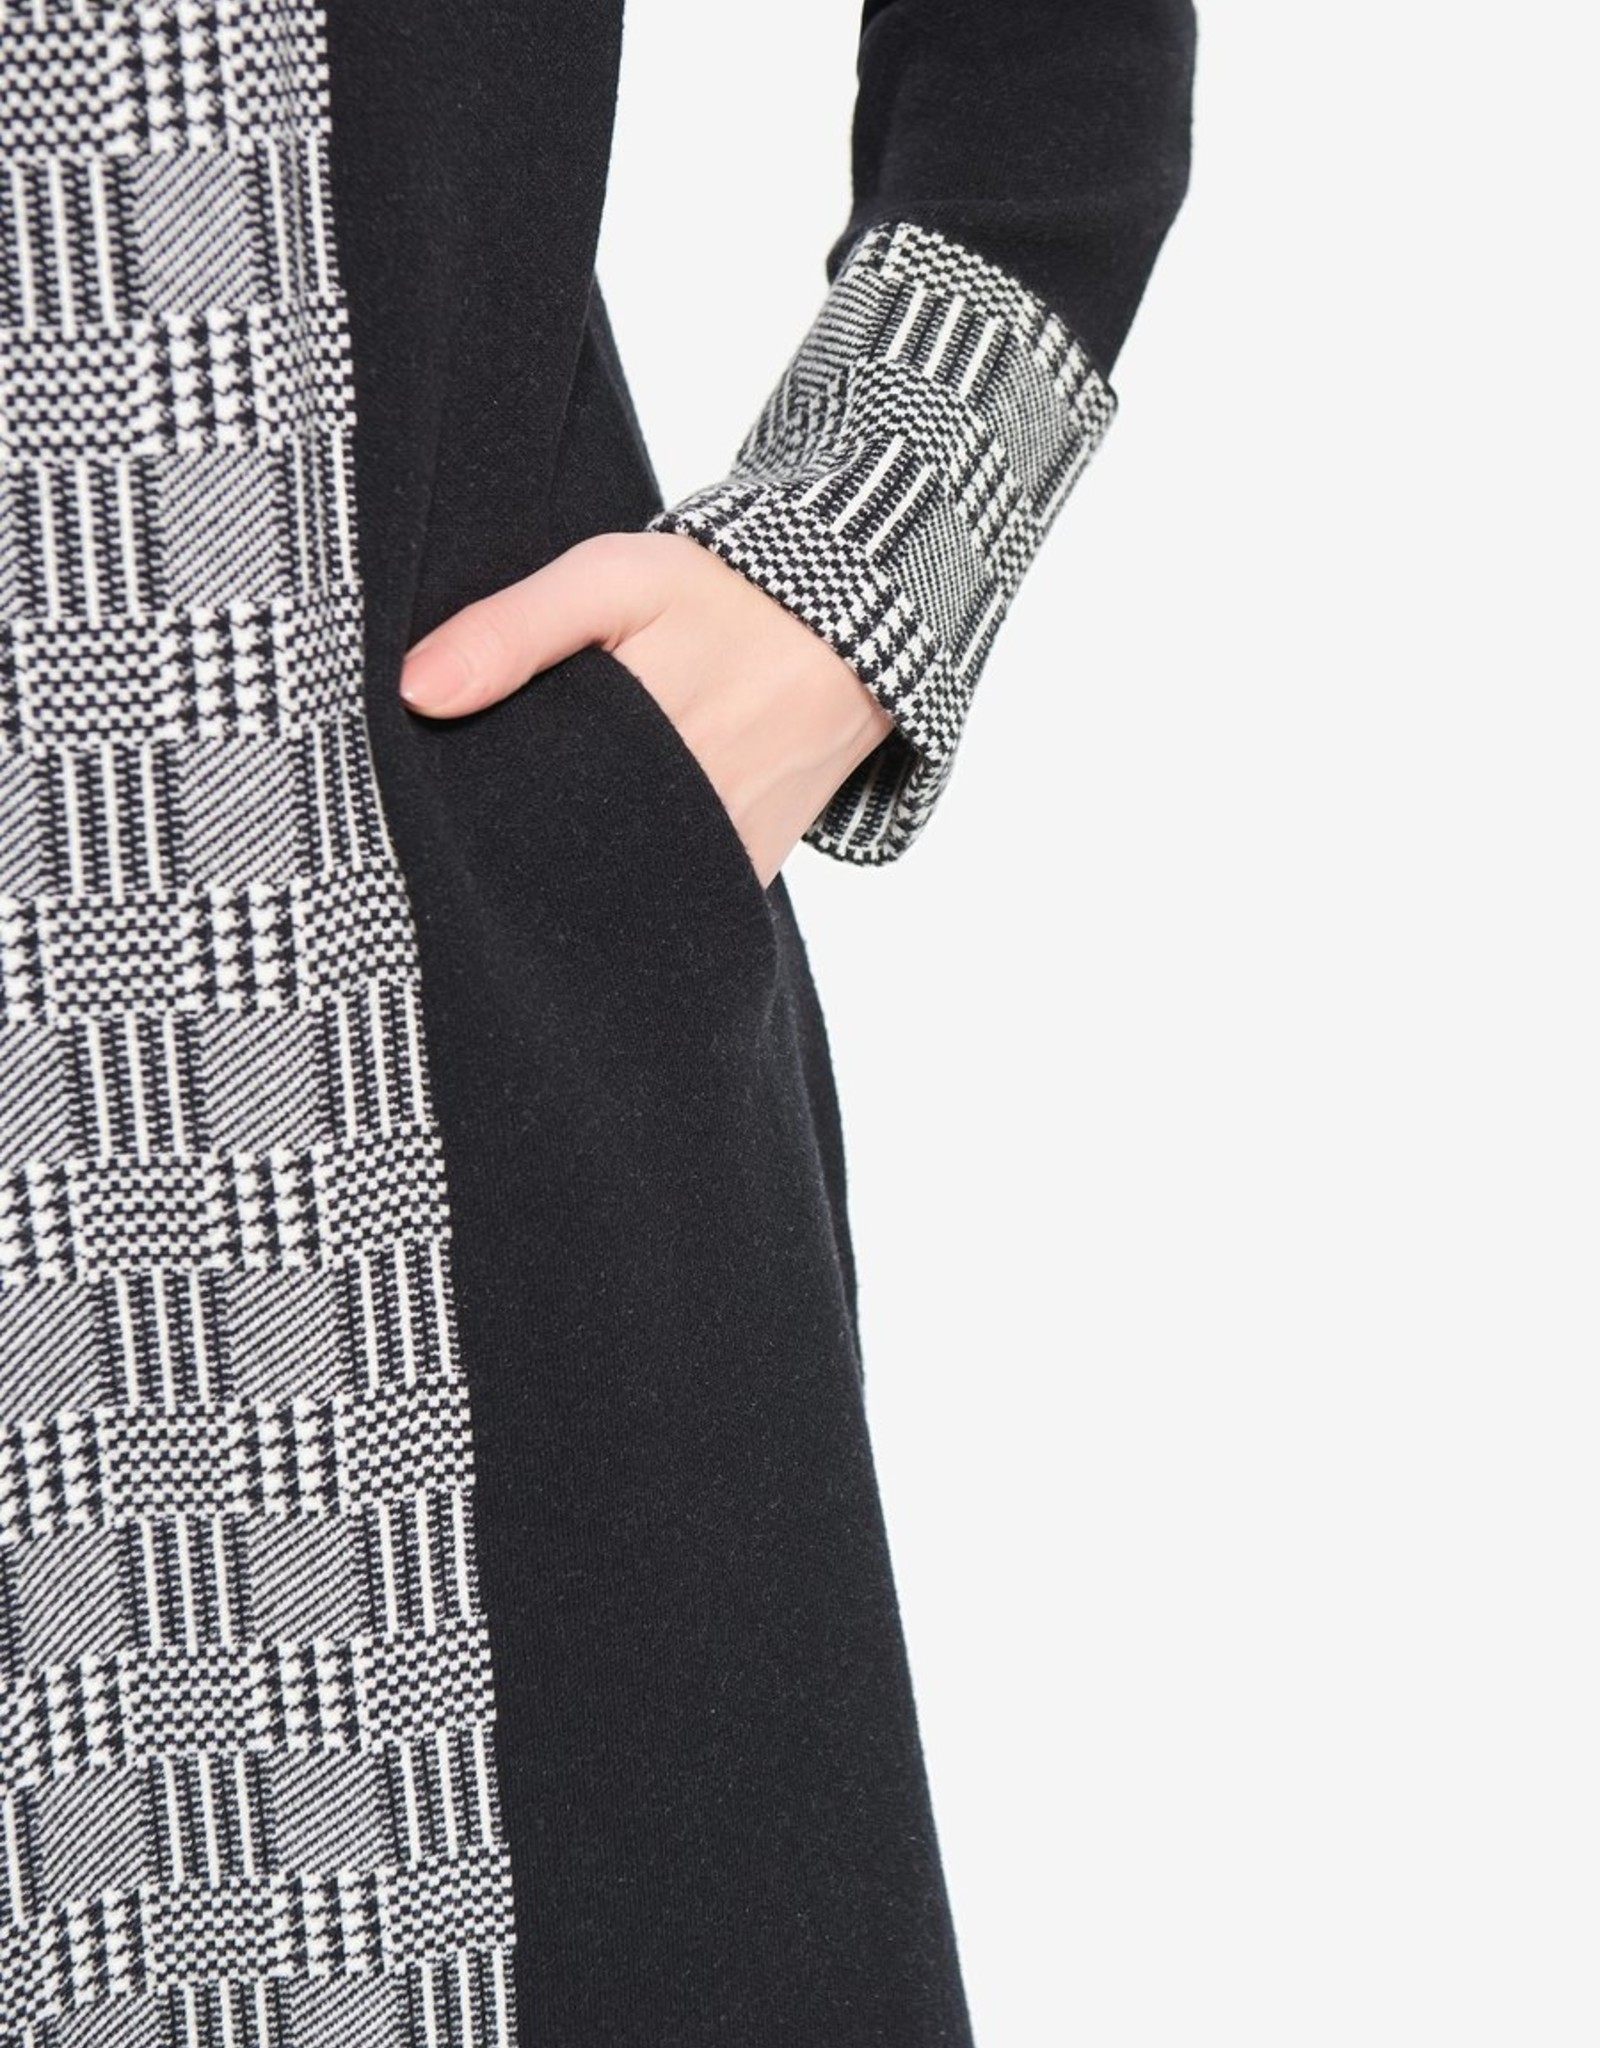 Joseph Ribkoff Joseph Ribkoff 214298 Long Cardigan Jacket with Hood